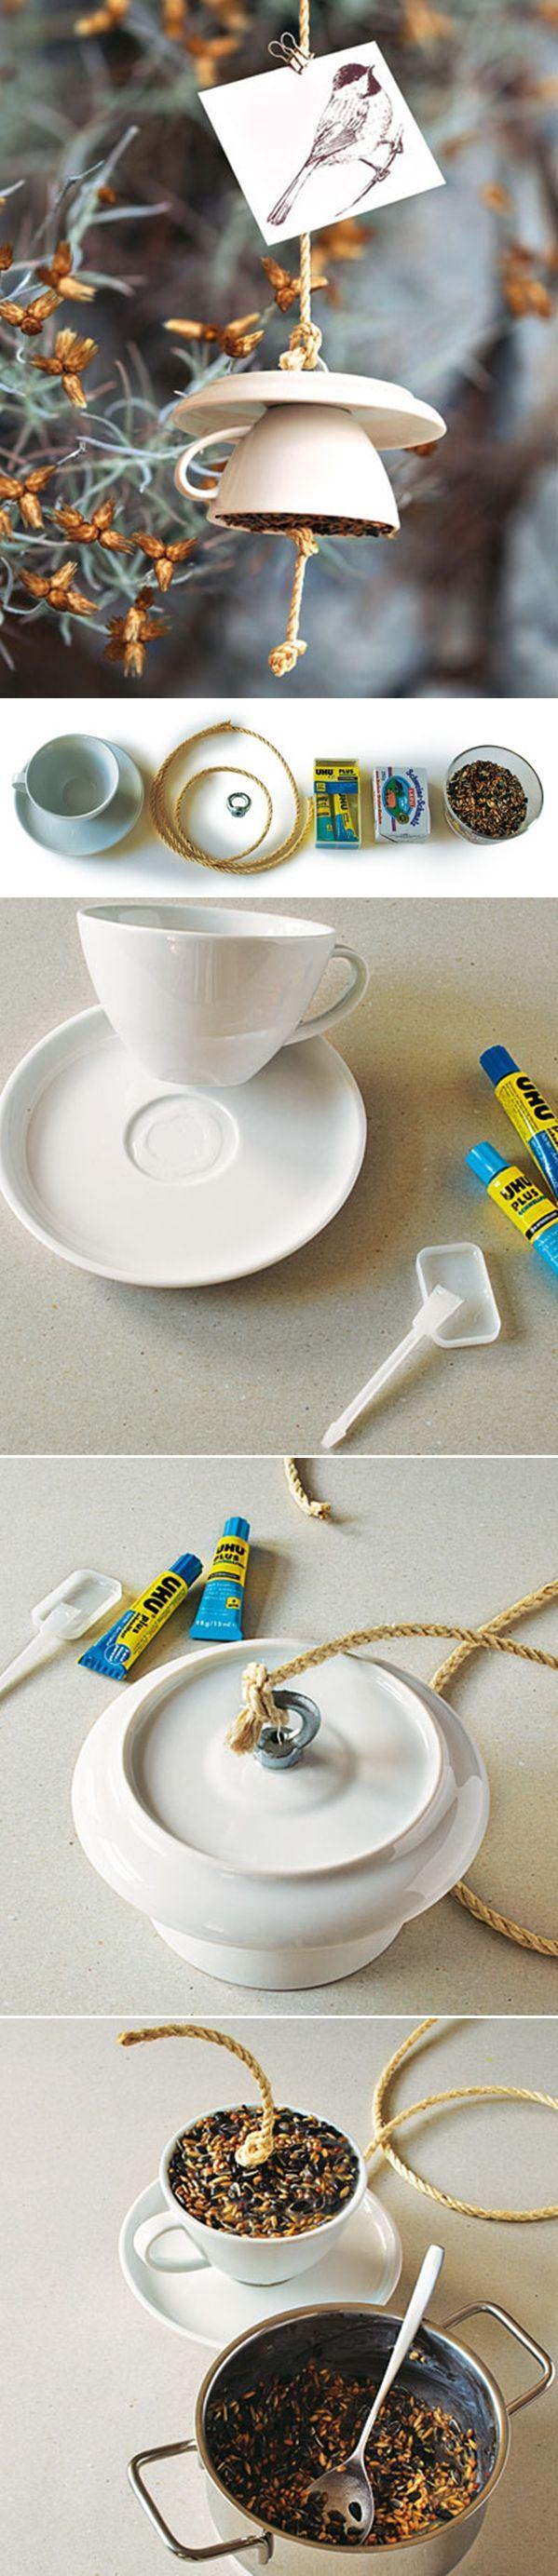 Tea cup bird feeder diy home decor ideas step by step diy pinterest bird feeders home and - Diy home decor ideas pinterest ...